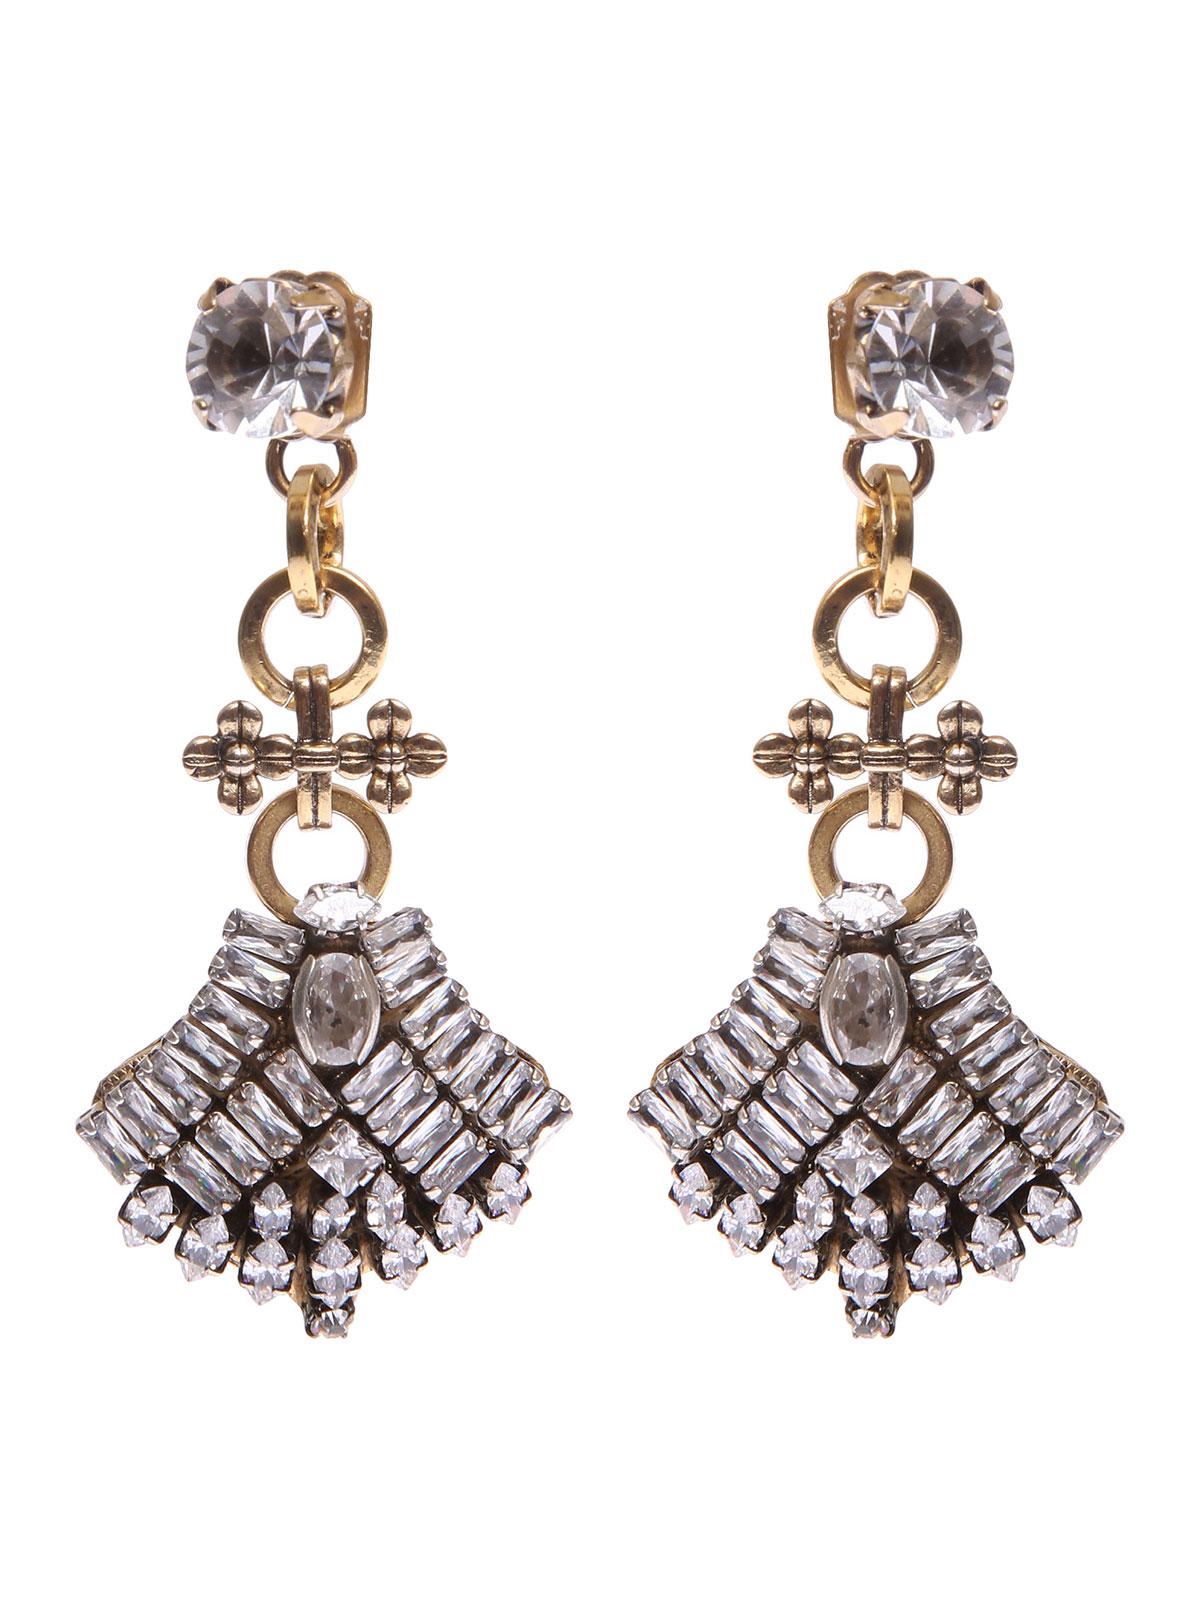 Stone earrings with jewel fan pendant